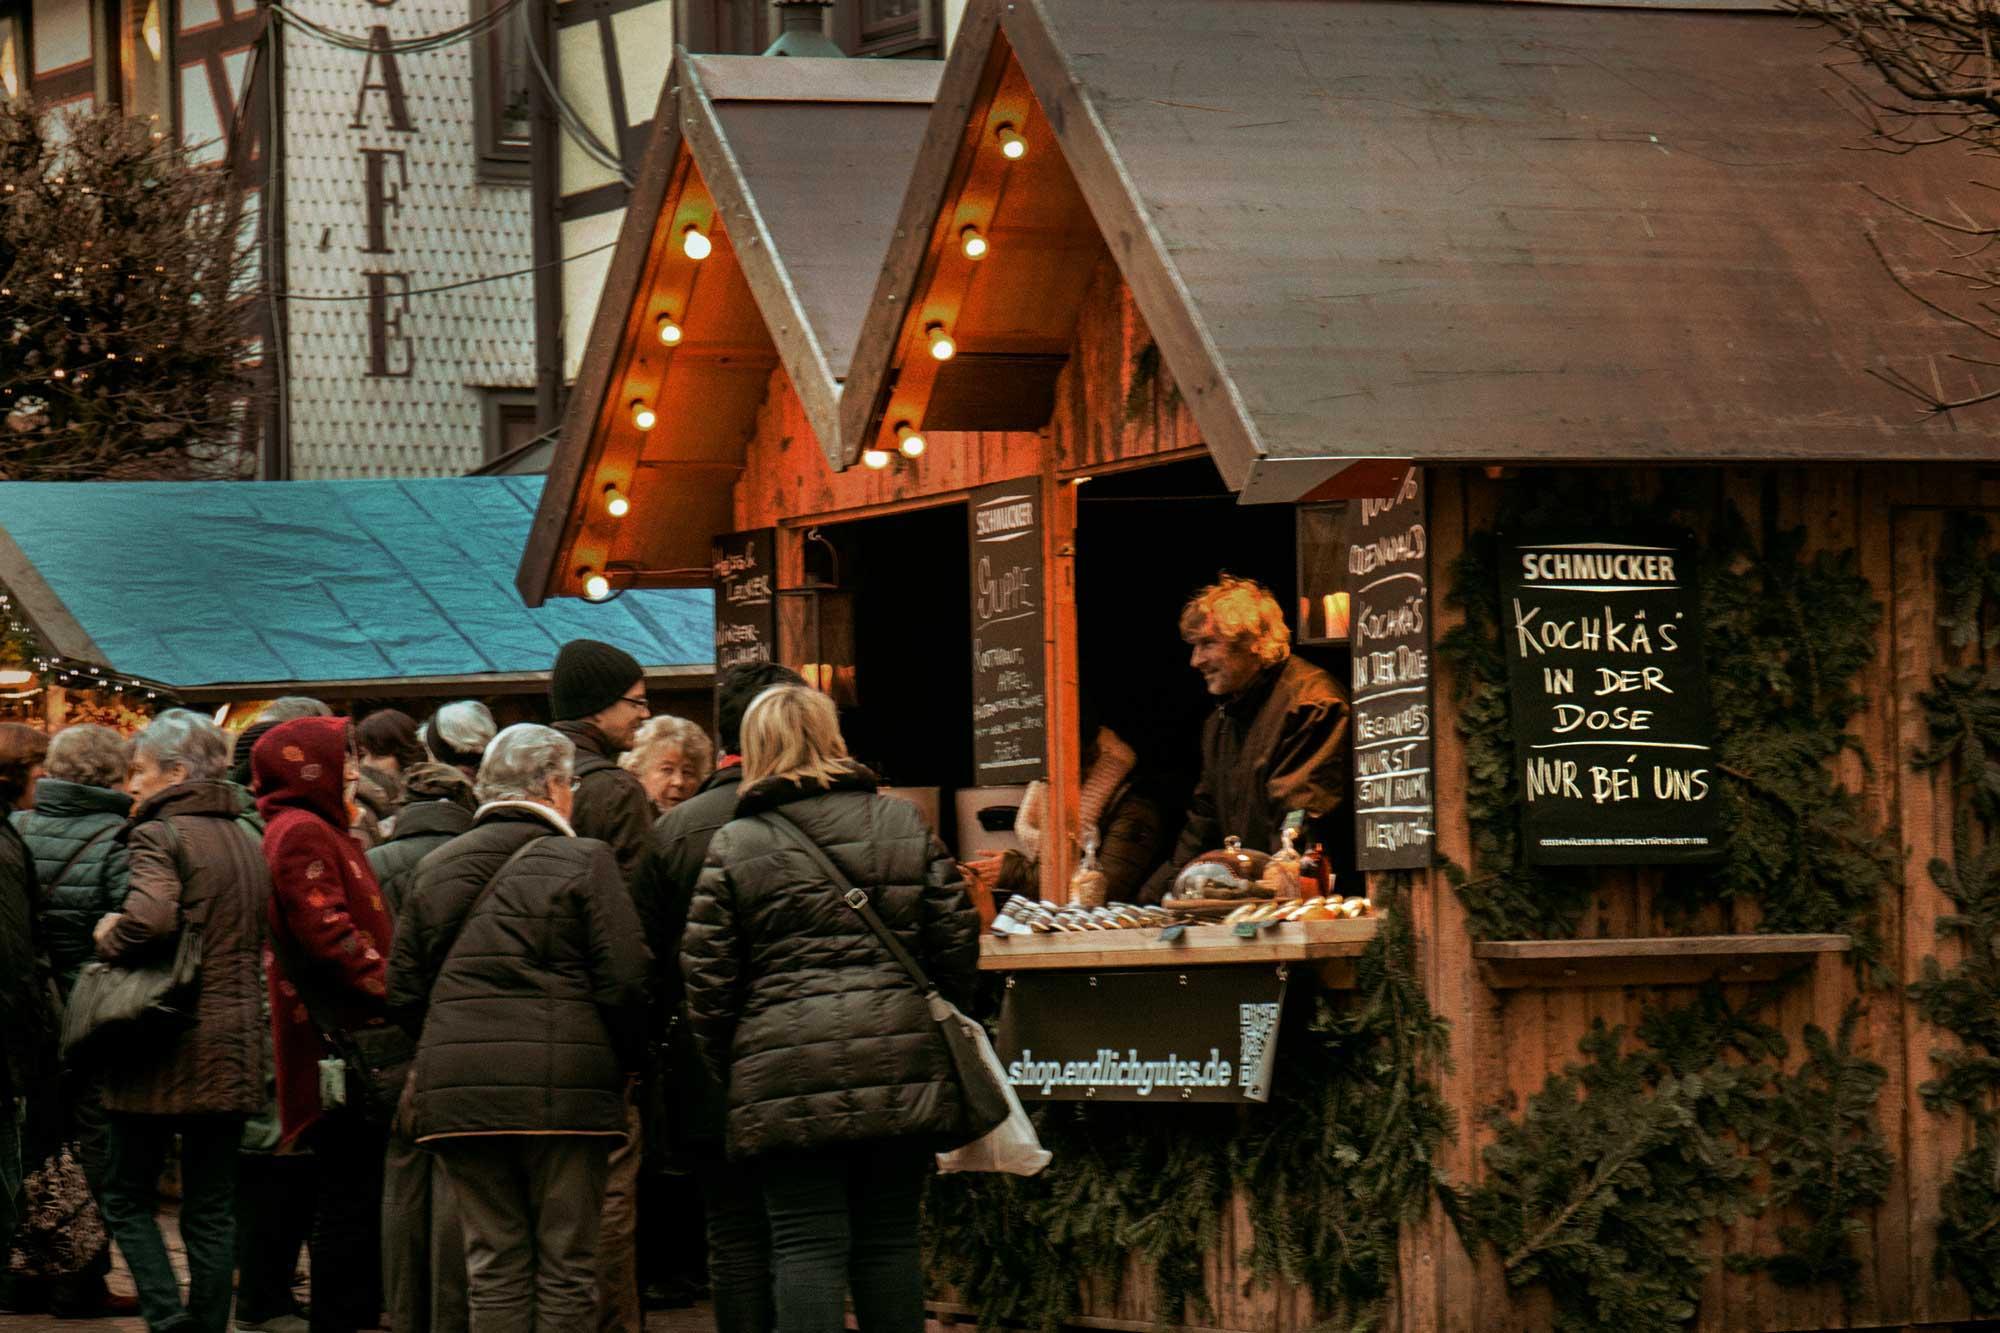 Weihnachtsmarkt in Michelstadt mit Odenwälder Kochkäserei aus der Dose